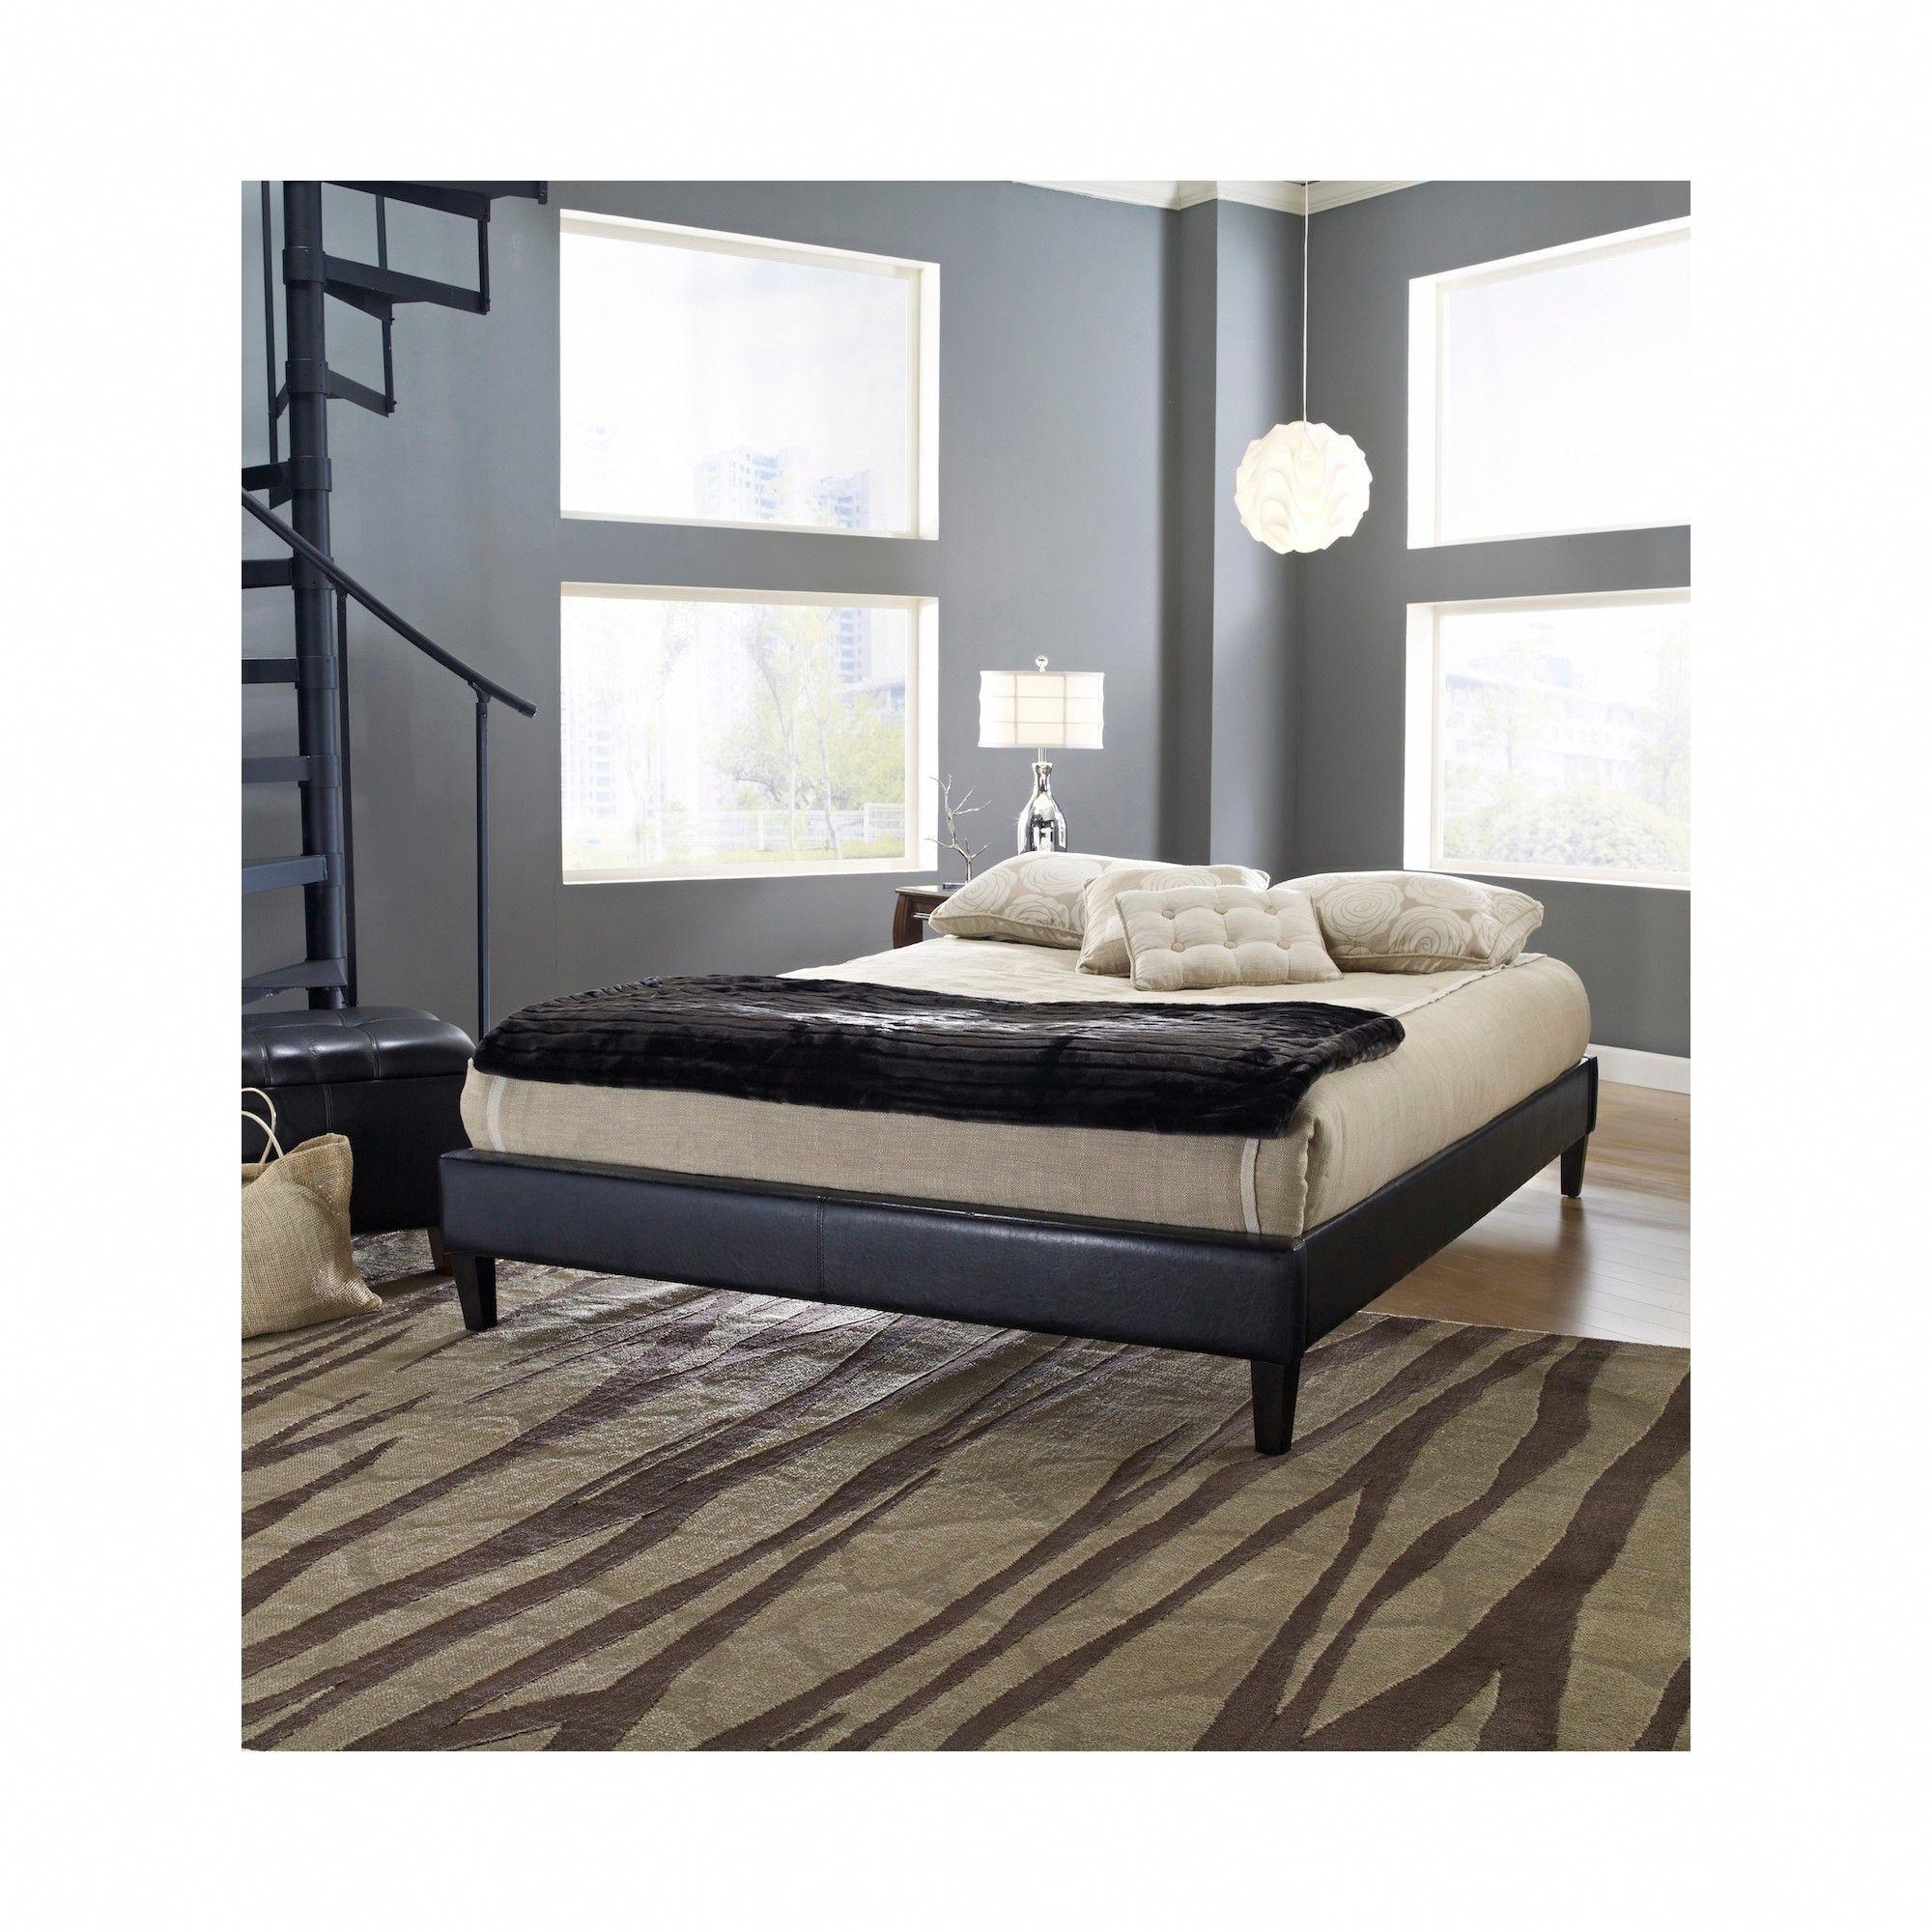 Faux Leather Cade Upholstered Platform Bed Frame Full Black Eco